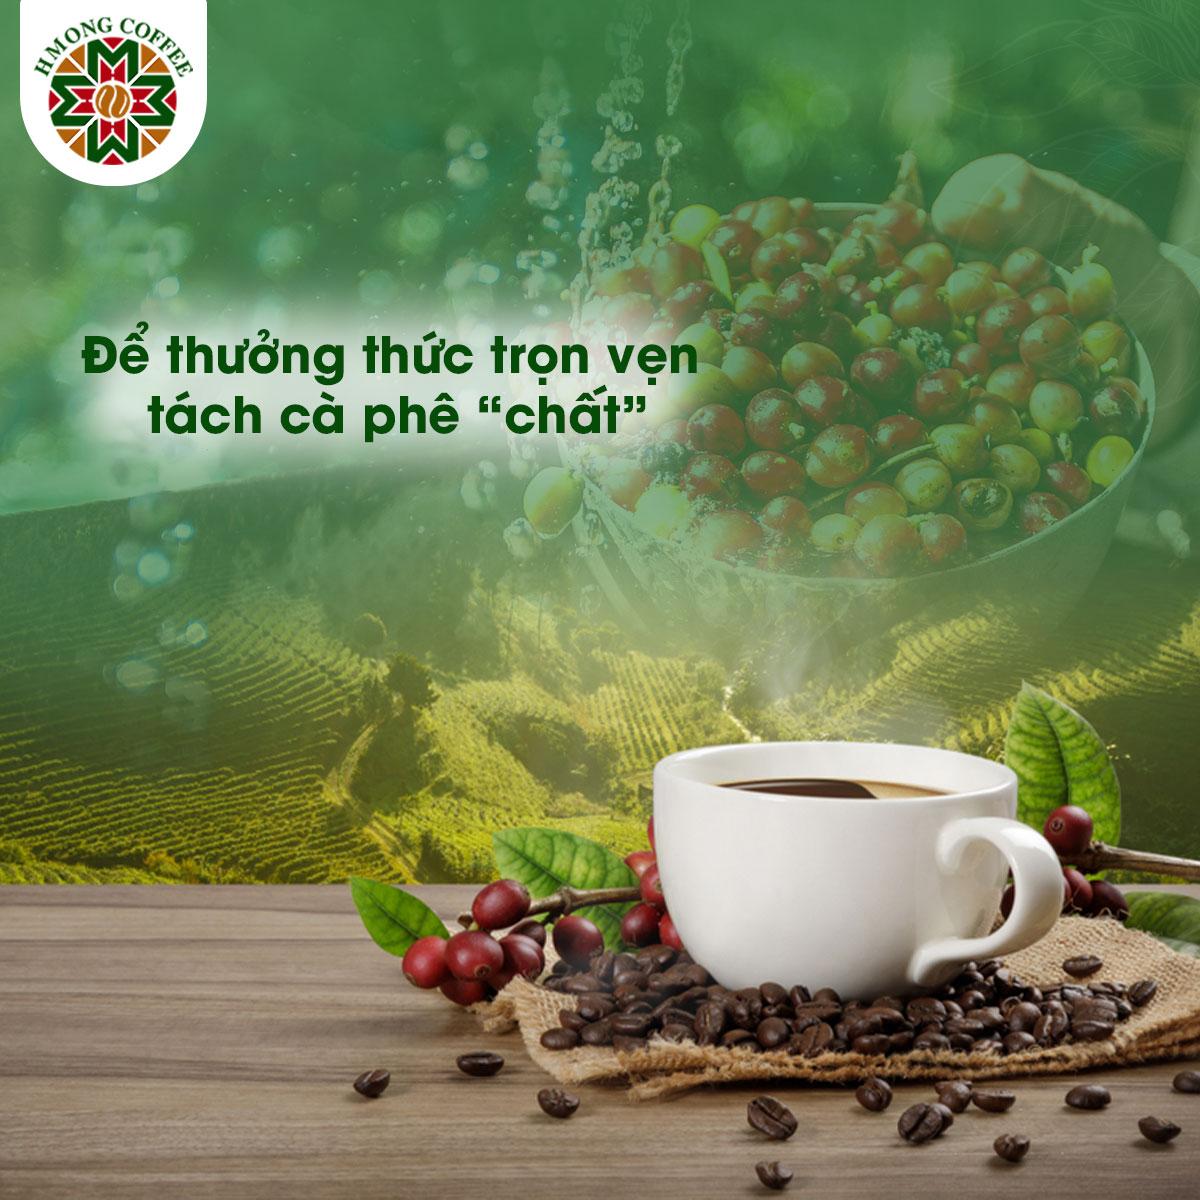 Cà phê ngon luôn chất chứa những giá trị tuyệt vời